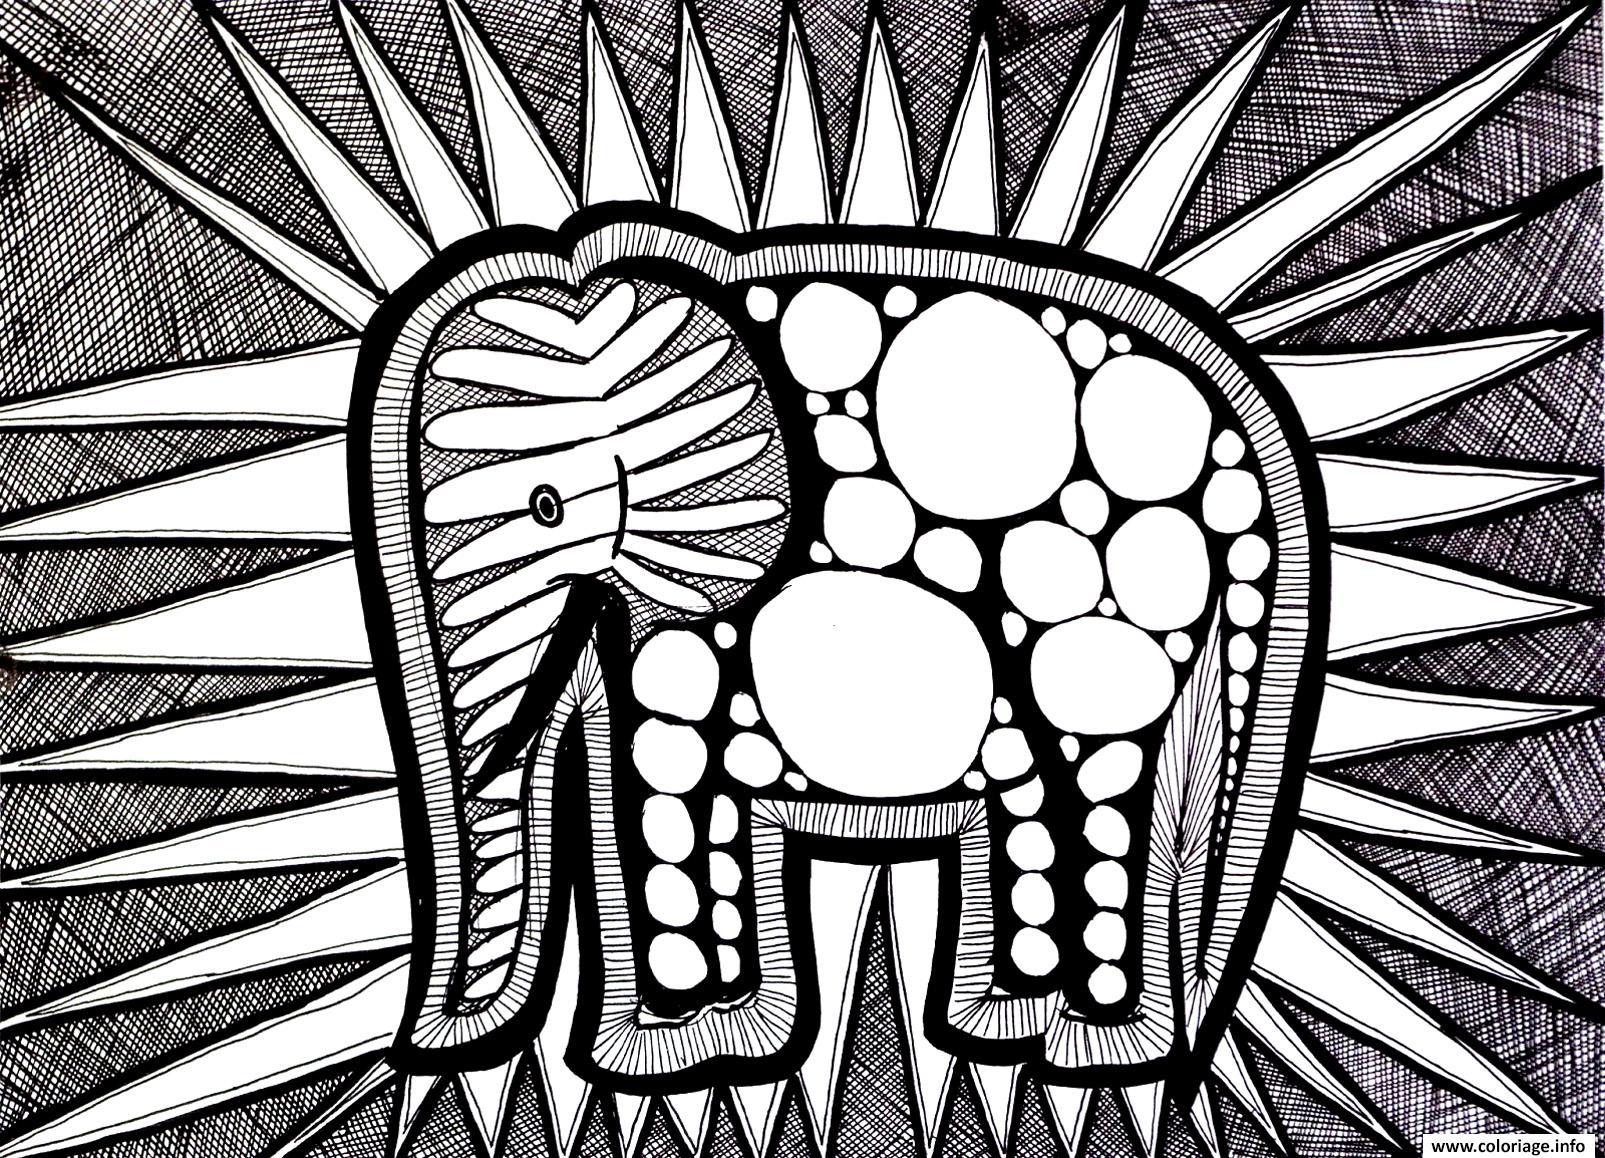 Coloriage A Imprimer Difficile Elephant.Coloriage Difficile Elephant Jecolorie Com